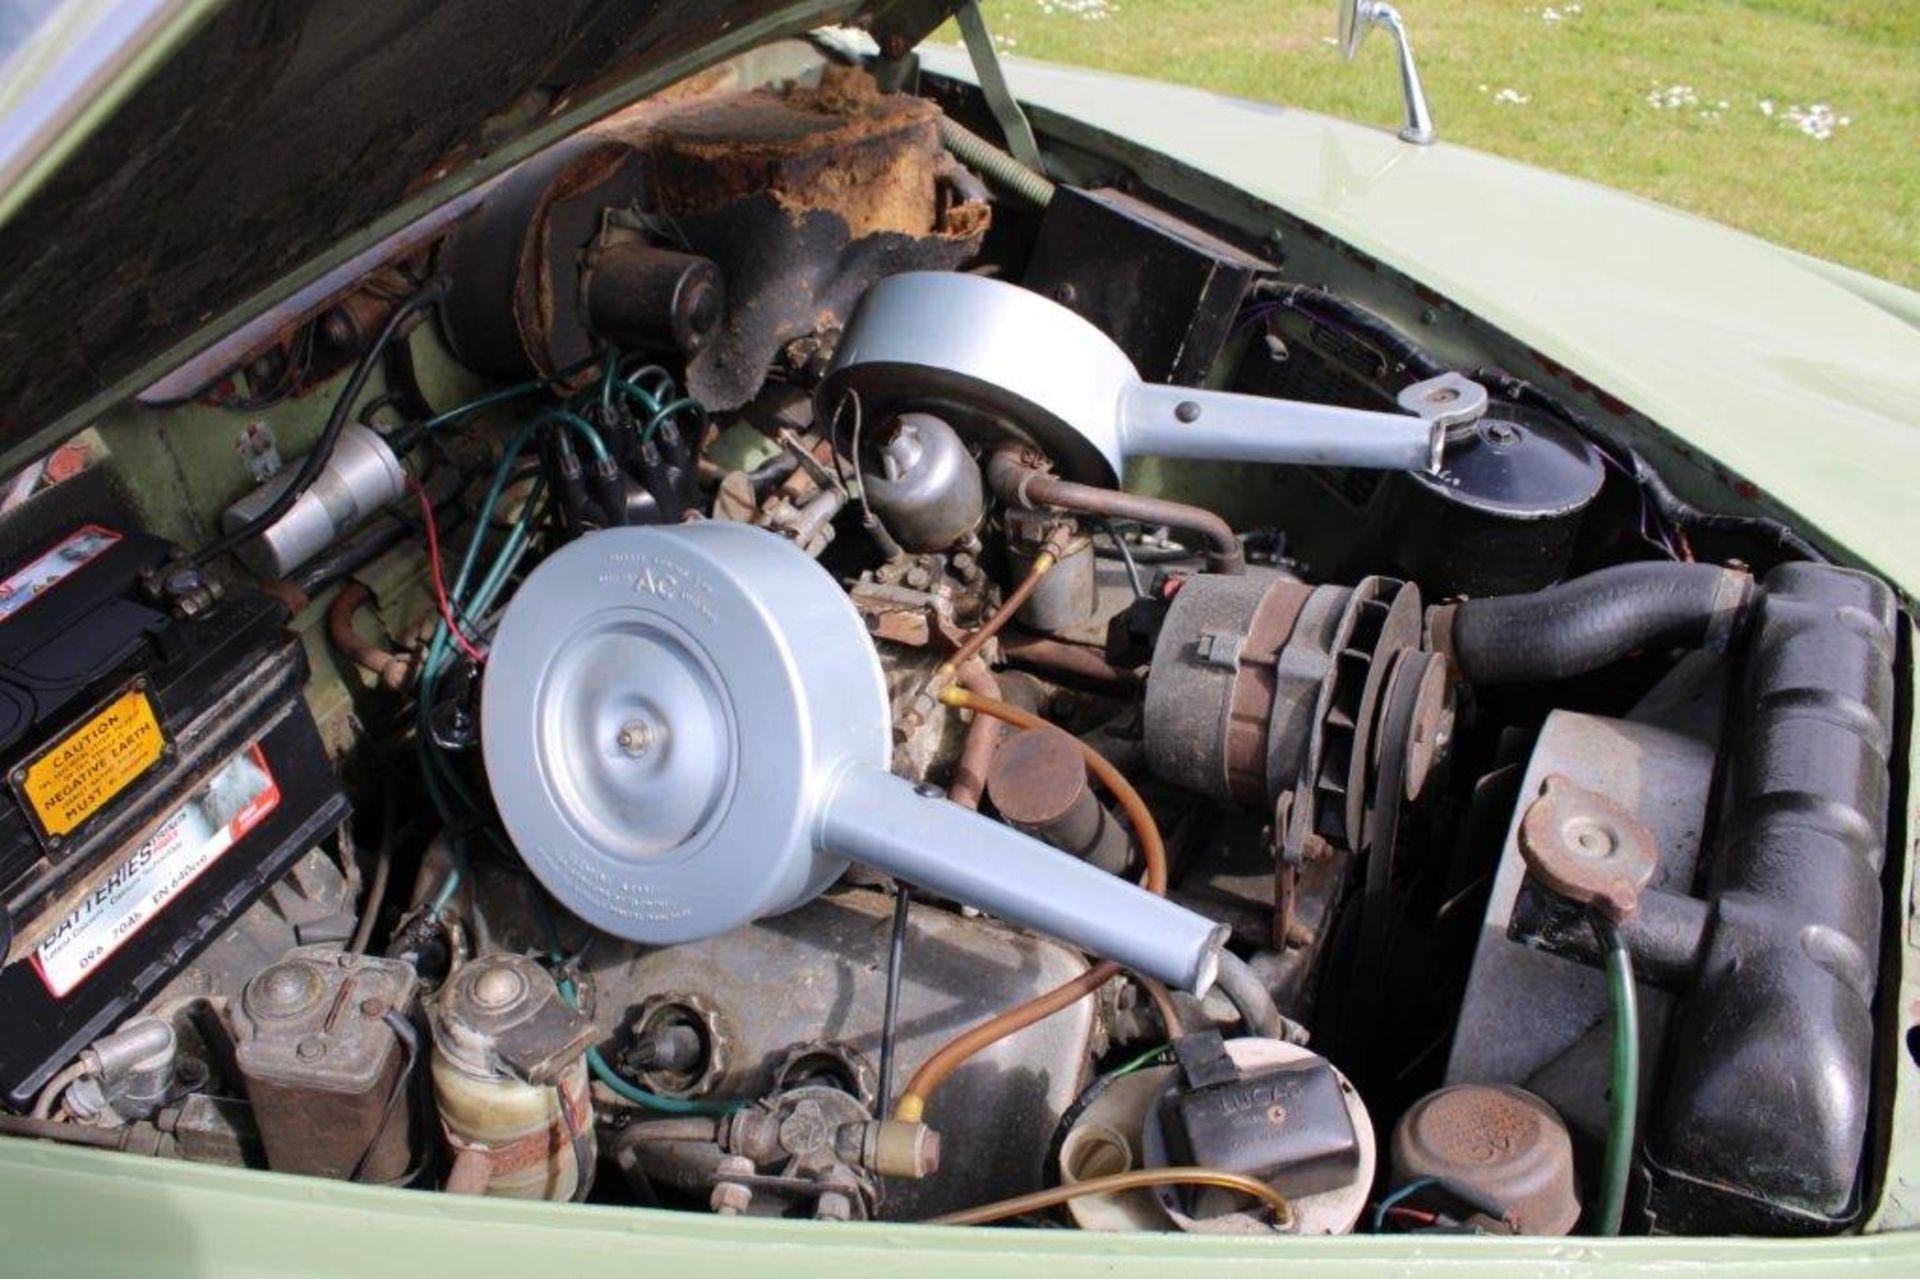 1968 Daimler V8 250 Auto - Image 20 of 30